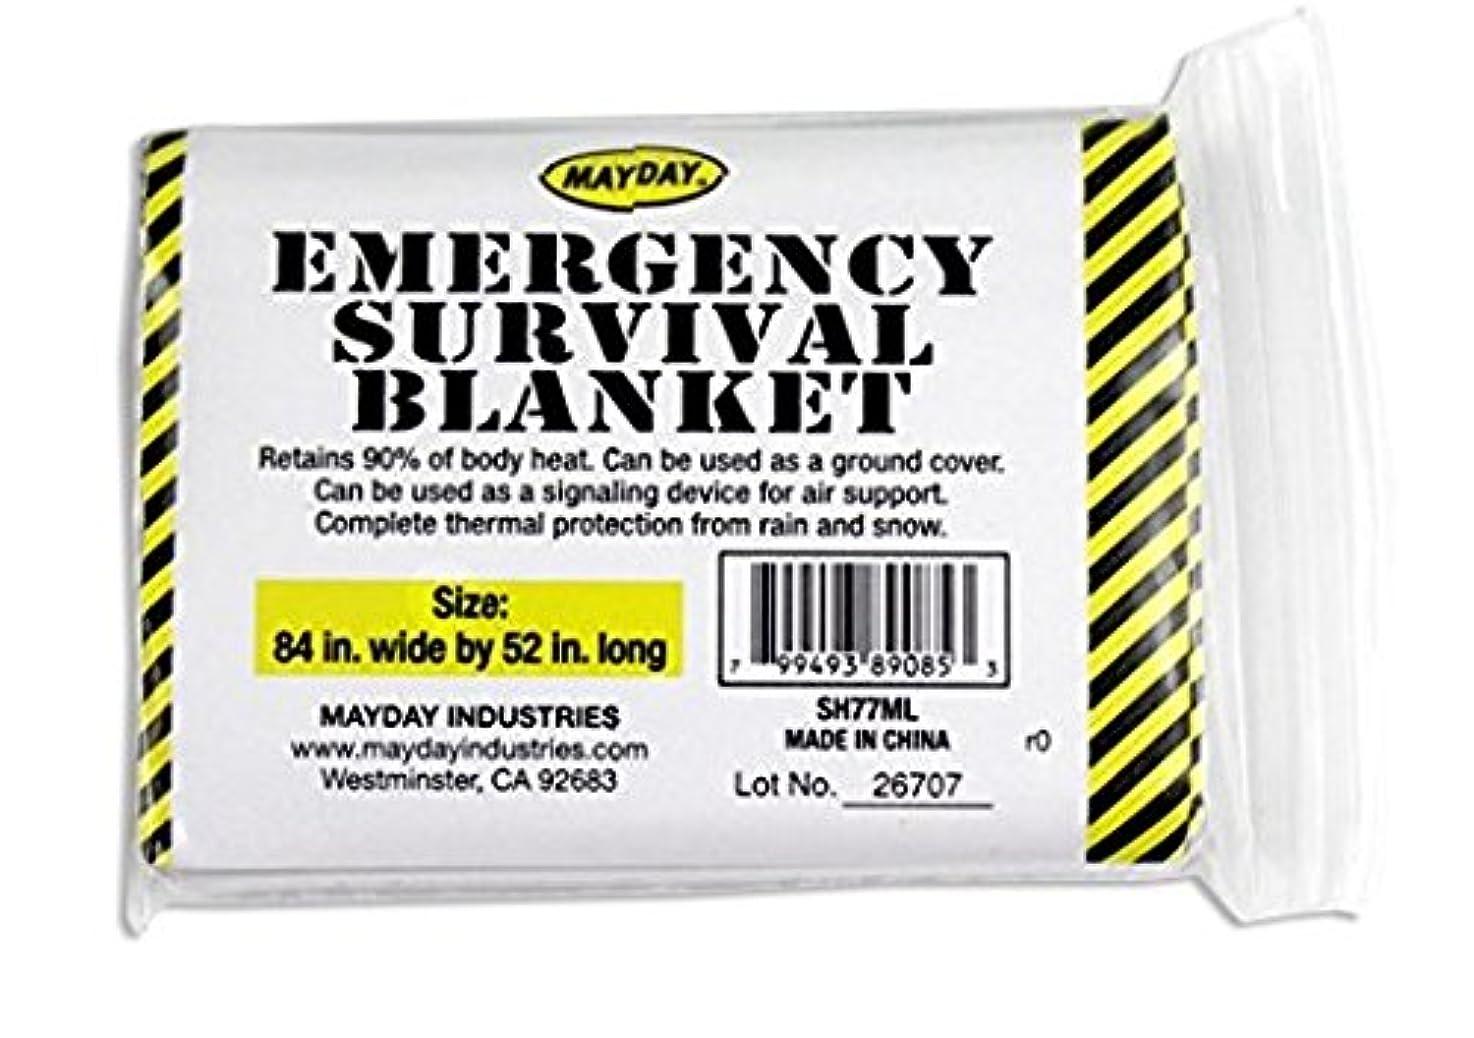 左悲惨な幻滅するEmergency Survival Solar Blanket - 1 Person by Mayday Industries